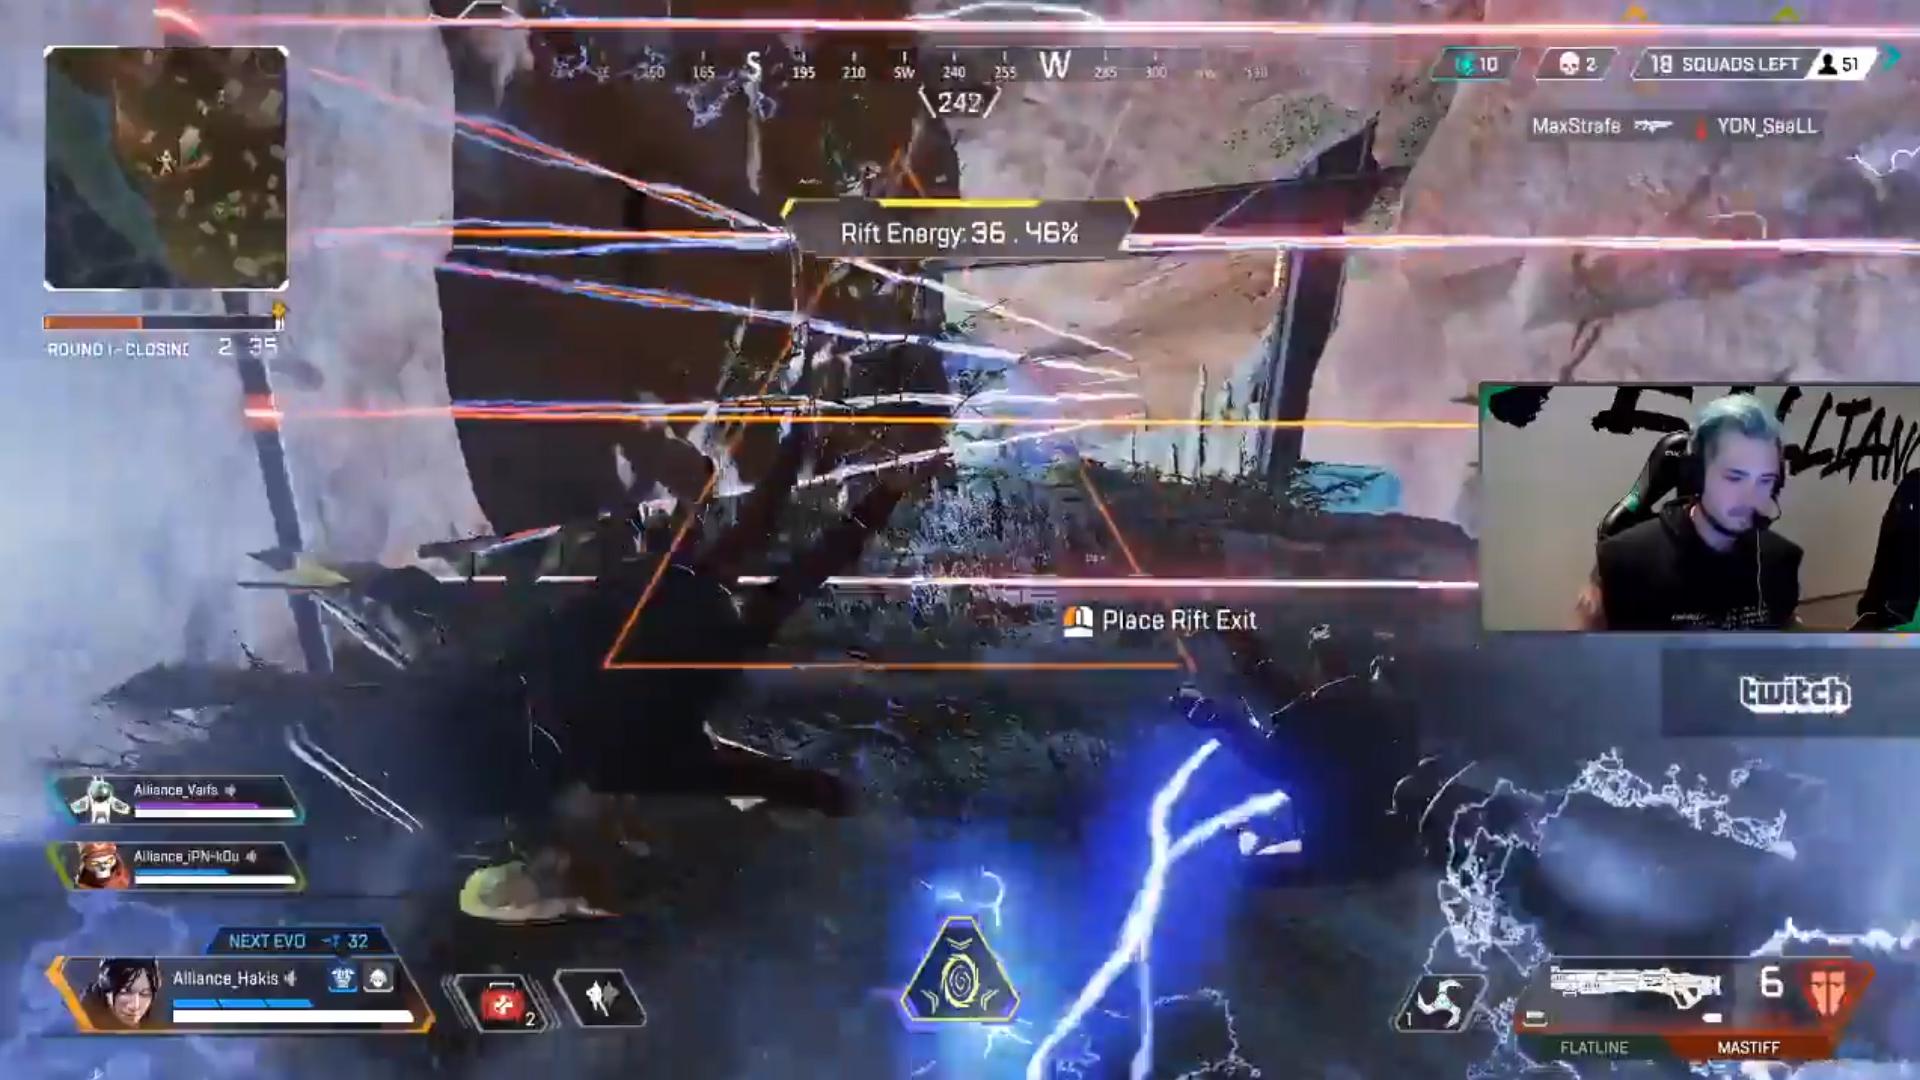 【APEX】EMPドローンで動きが遅くなった敵を「パンチ」でポータルに無理やり入れるゴリ押し戦法